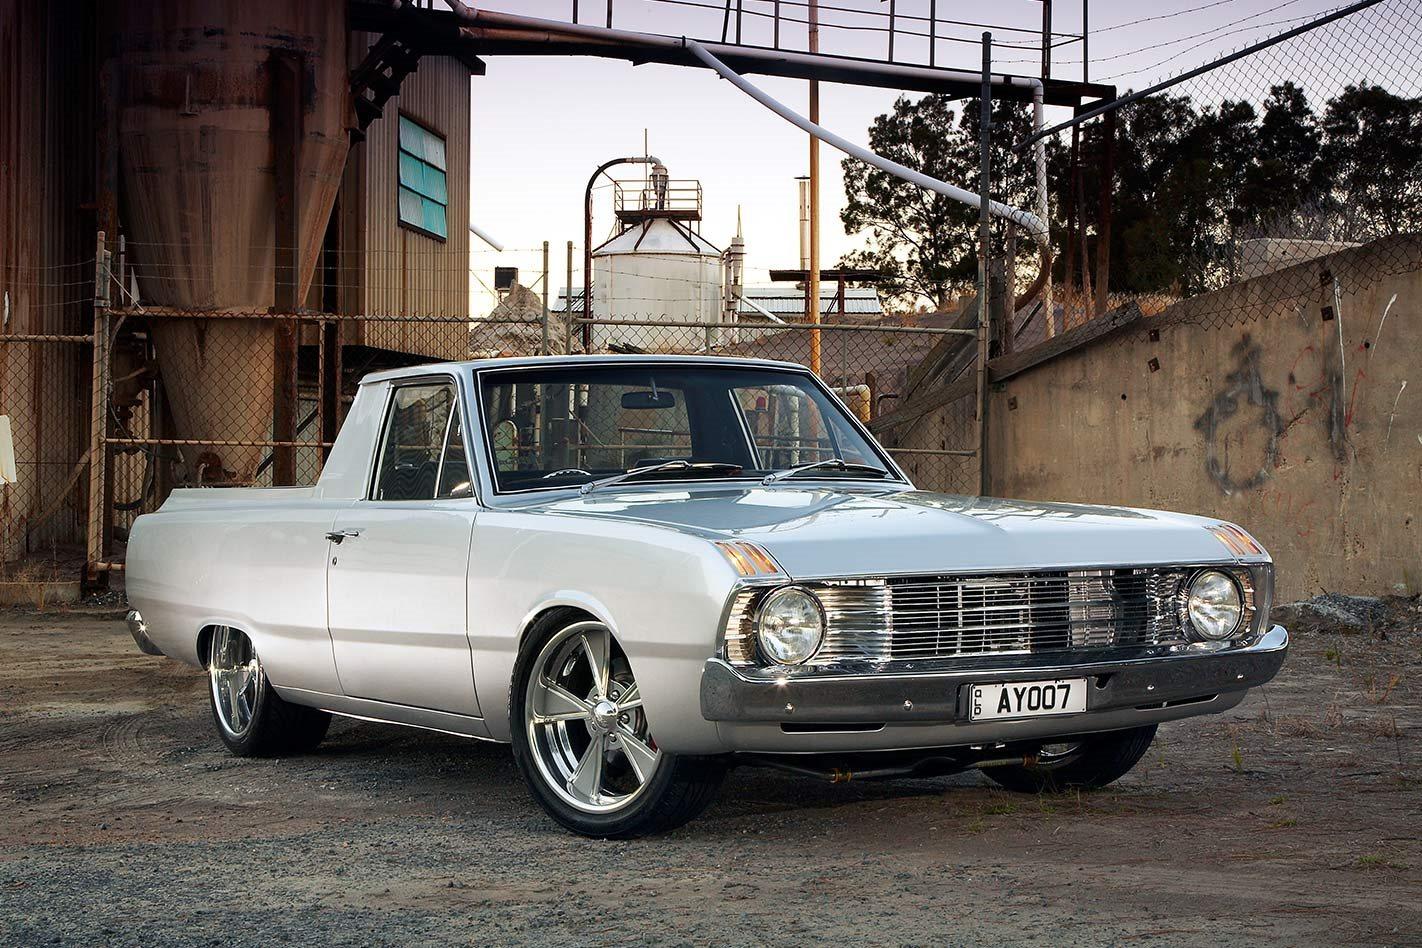 hemi 265 powered 1970 valiant vg ute